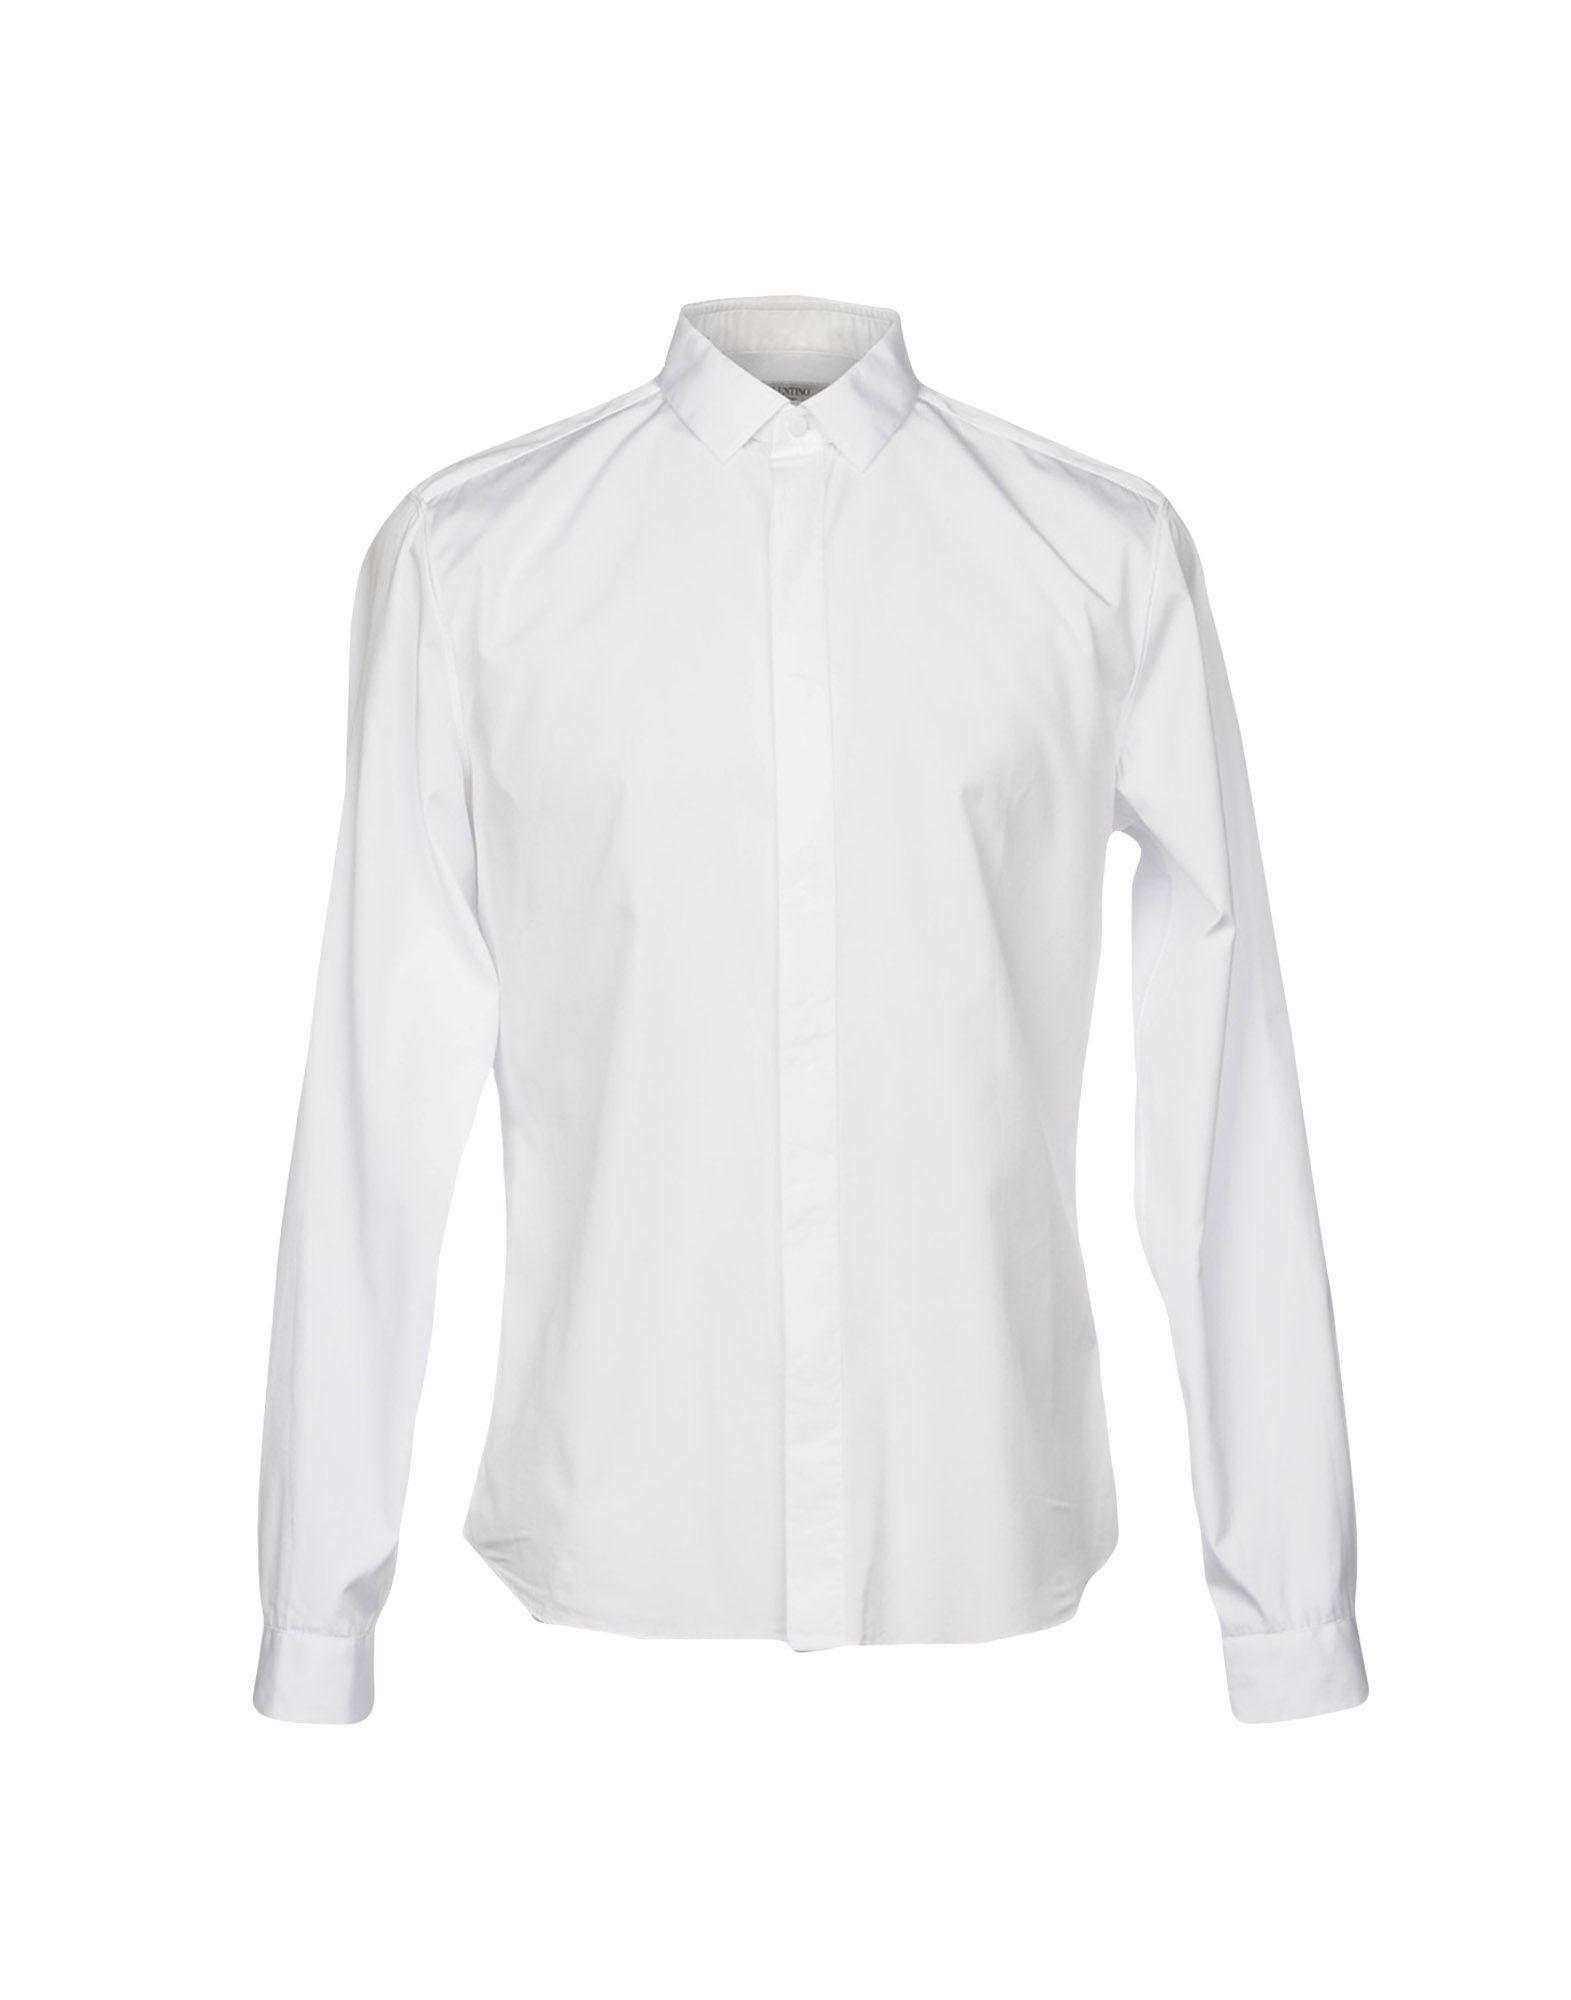 VALENTINO Herren Hemd Farbe Weiß Größe 6